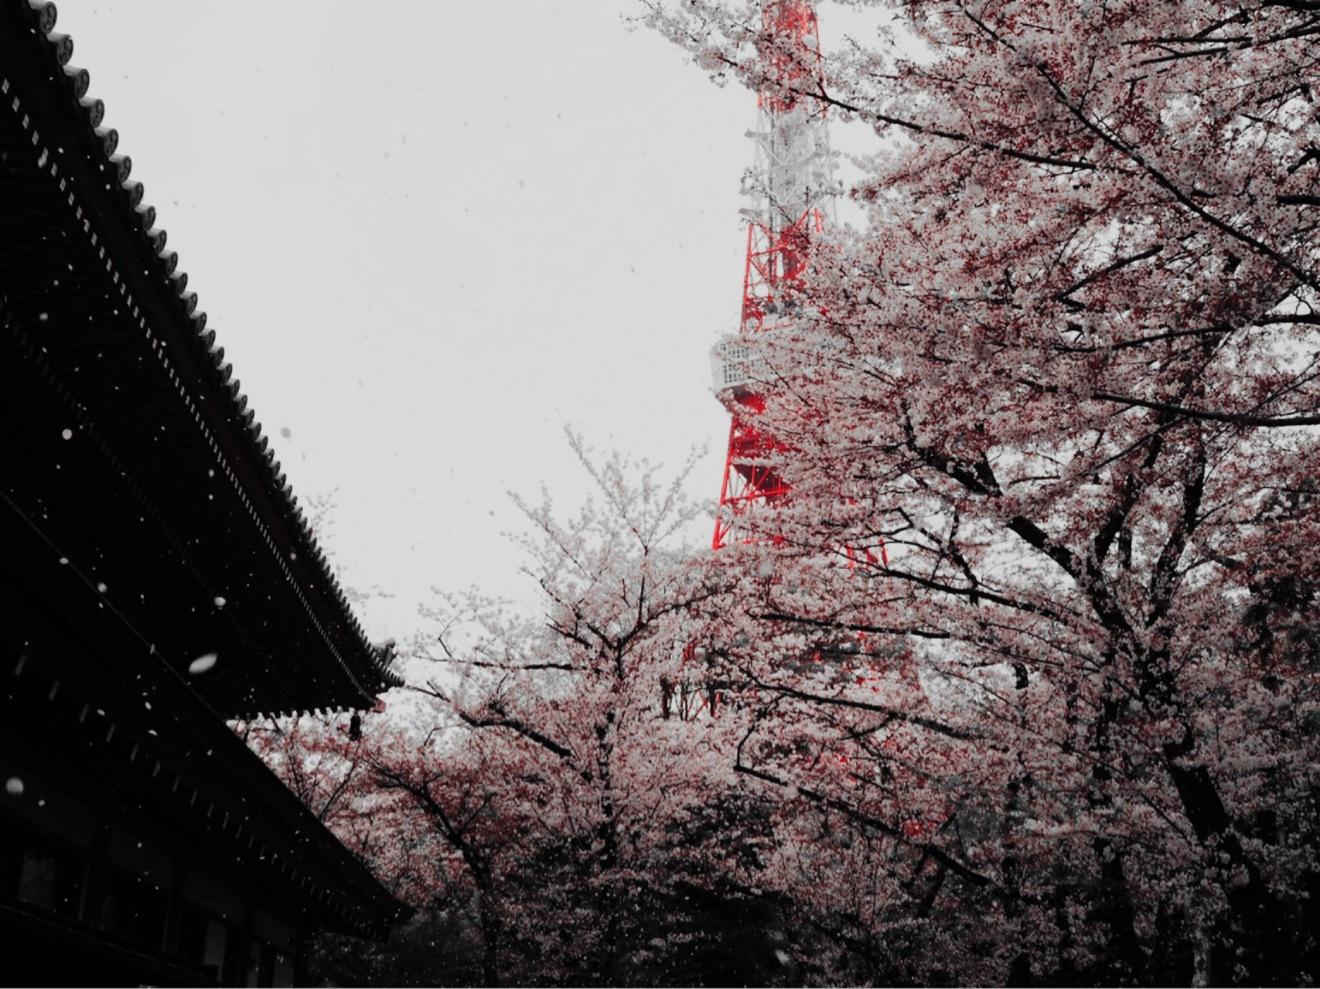 桜の木の下は「魔界」への入り口?春の始まりに読みたい少し不思議な3作品